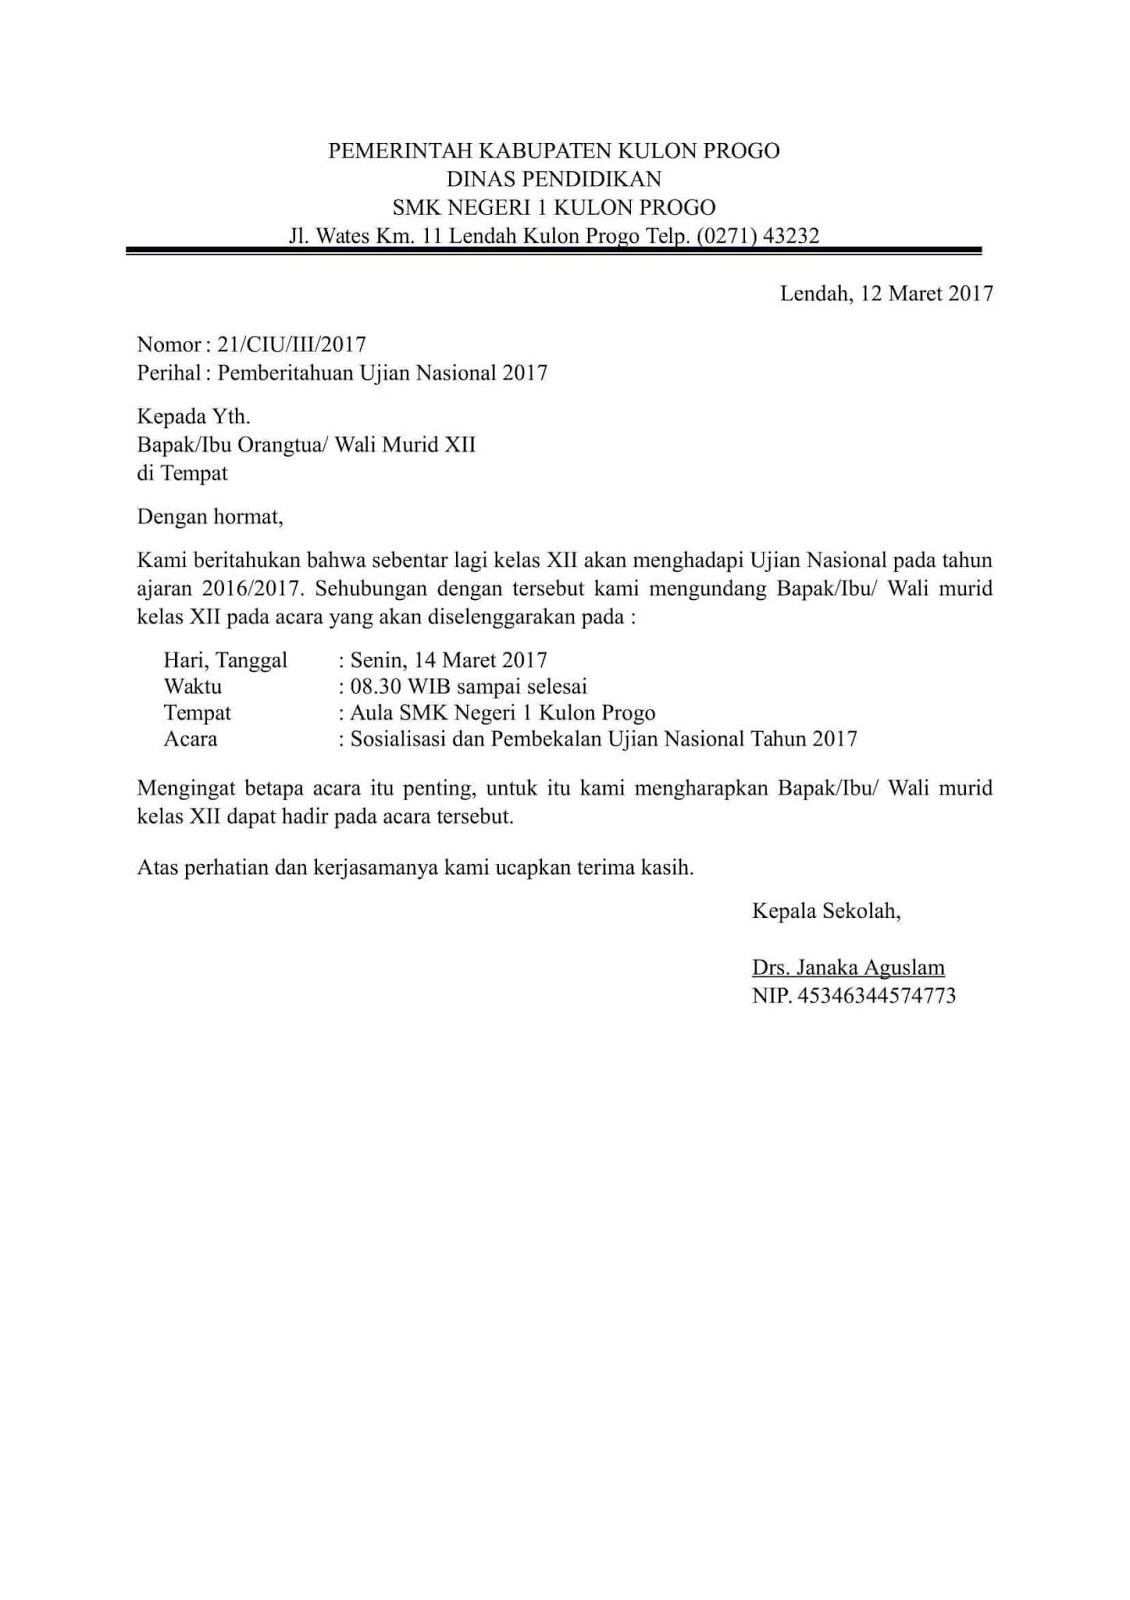 Contoh Surat Edaran Pemberitahuan Sekolah